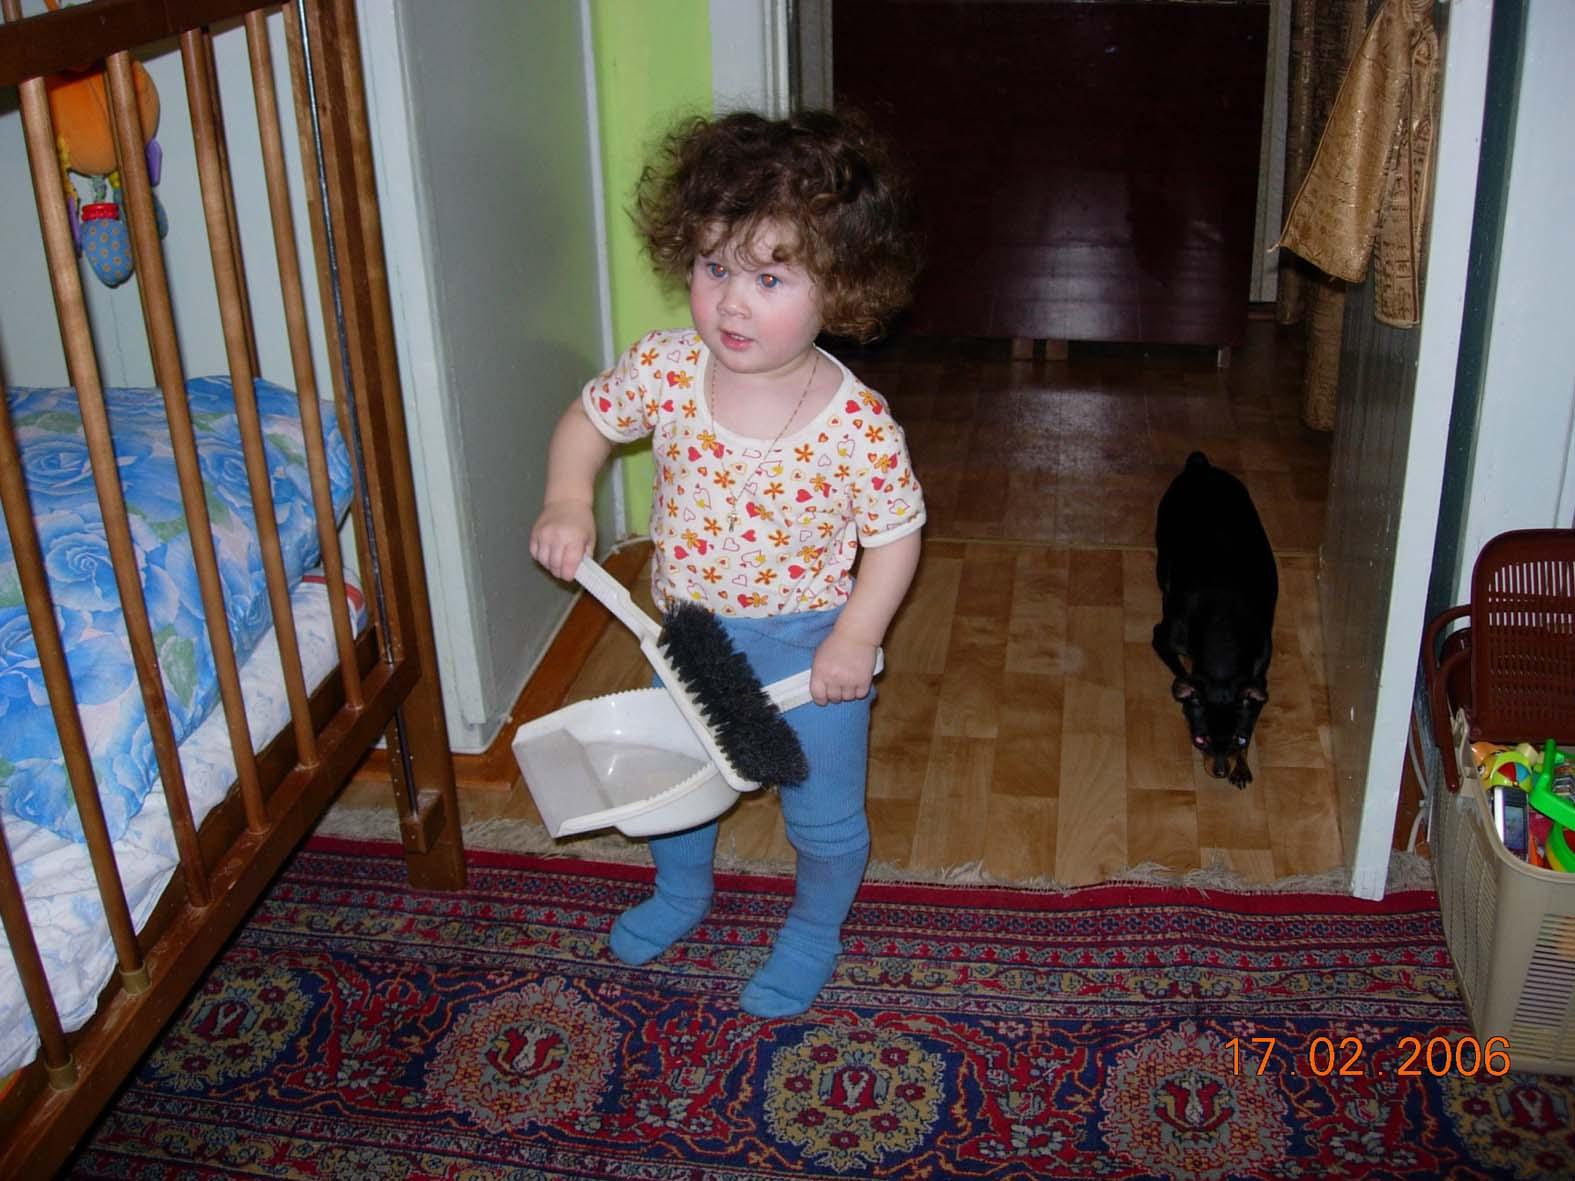 ребенки - они ч грязи расти не могут! ребенкам чистота нужна !!!. Я - Чистюля